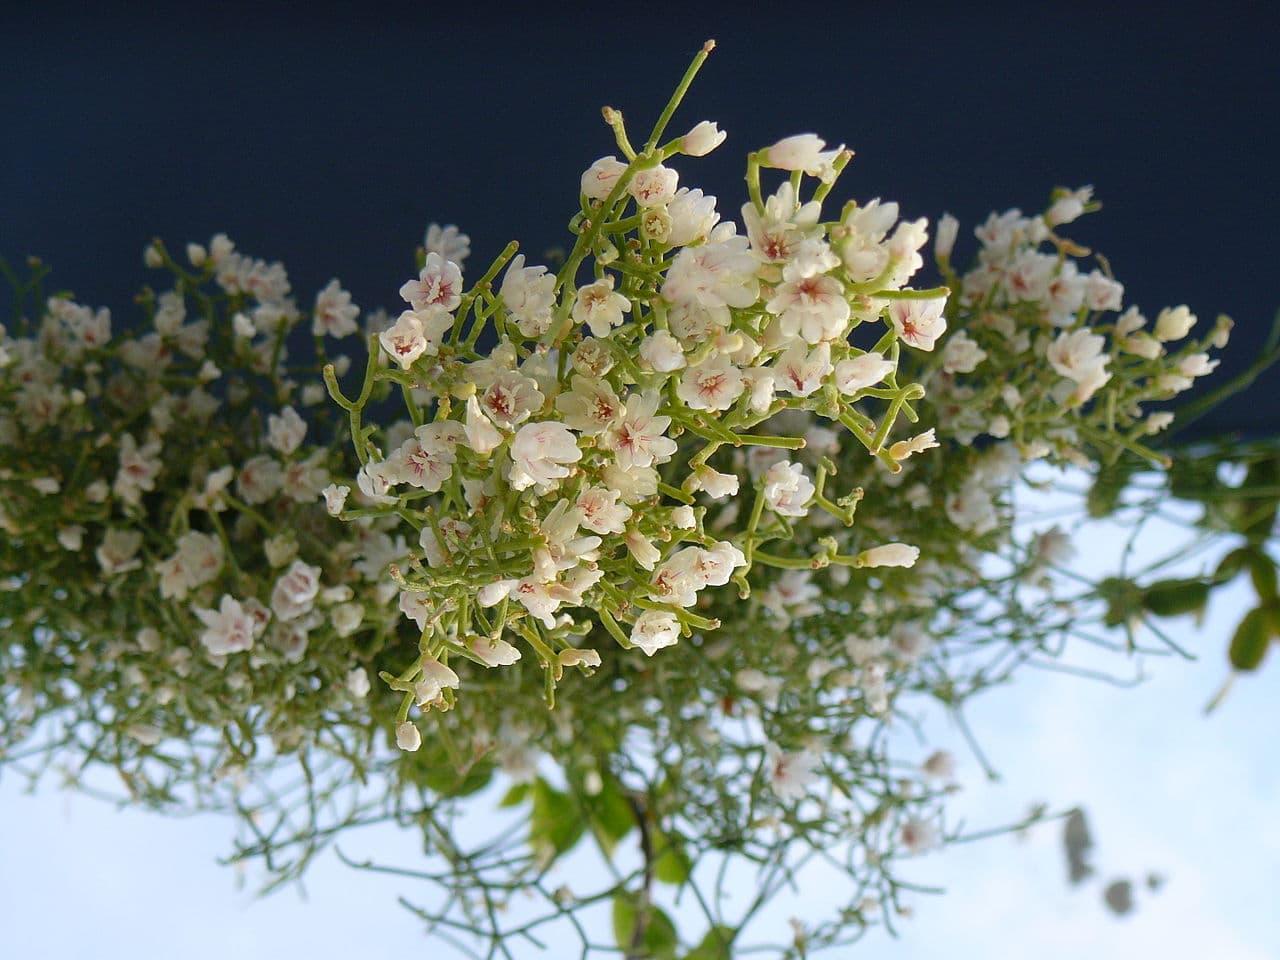 Las flores del Rhipsalis cereuscula son blancas